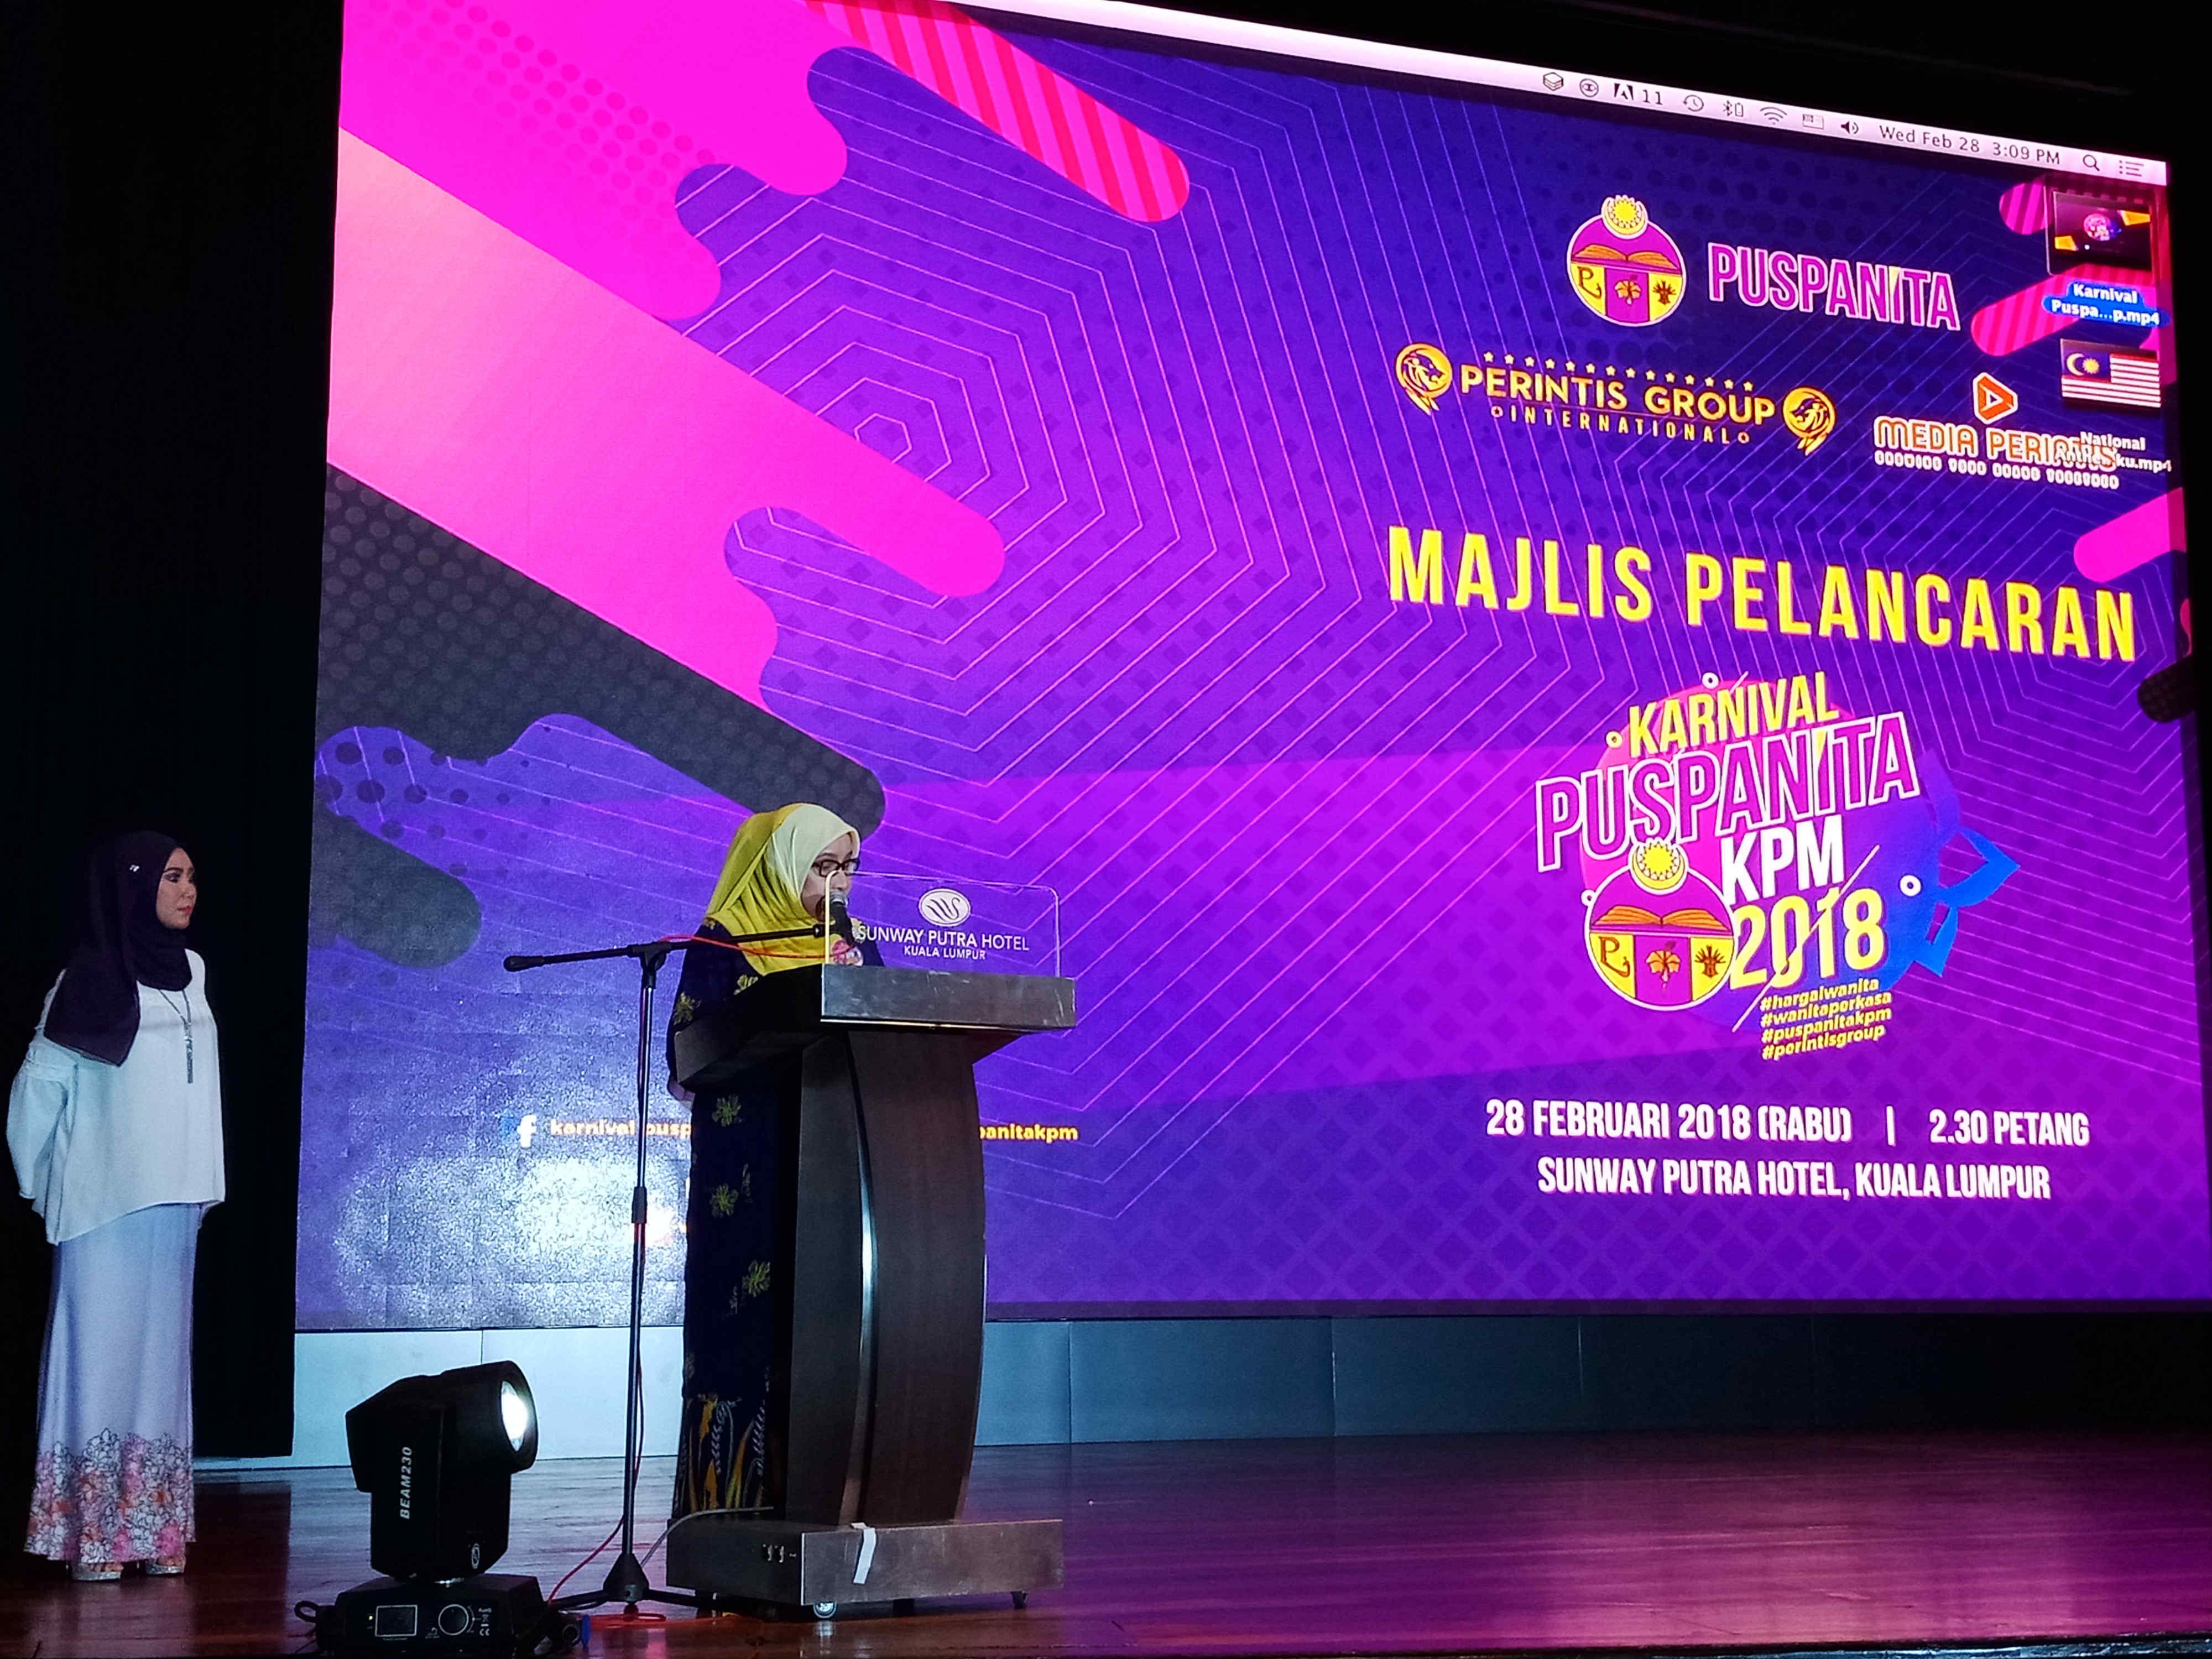 Majlis Pelancaran Karnival PUSPANITA KPM 2018